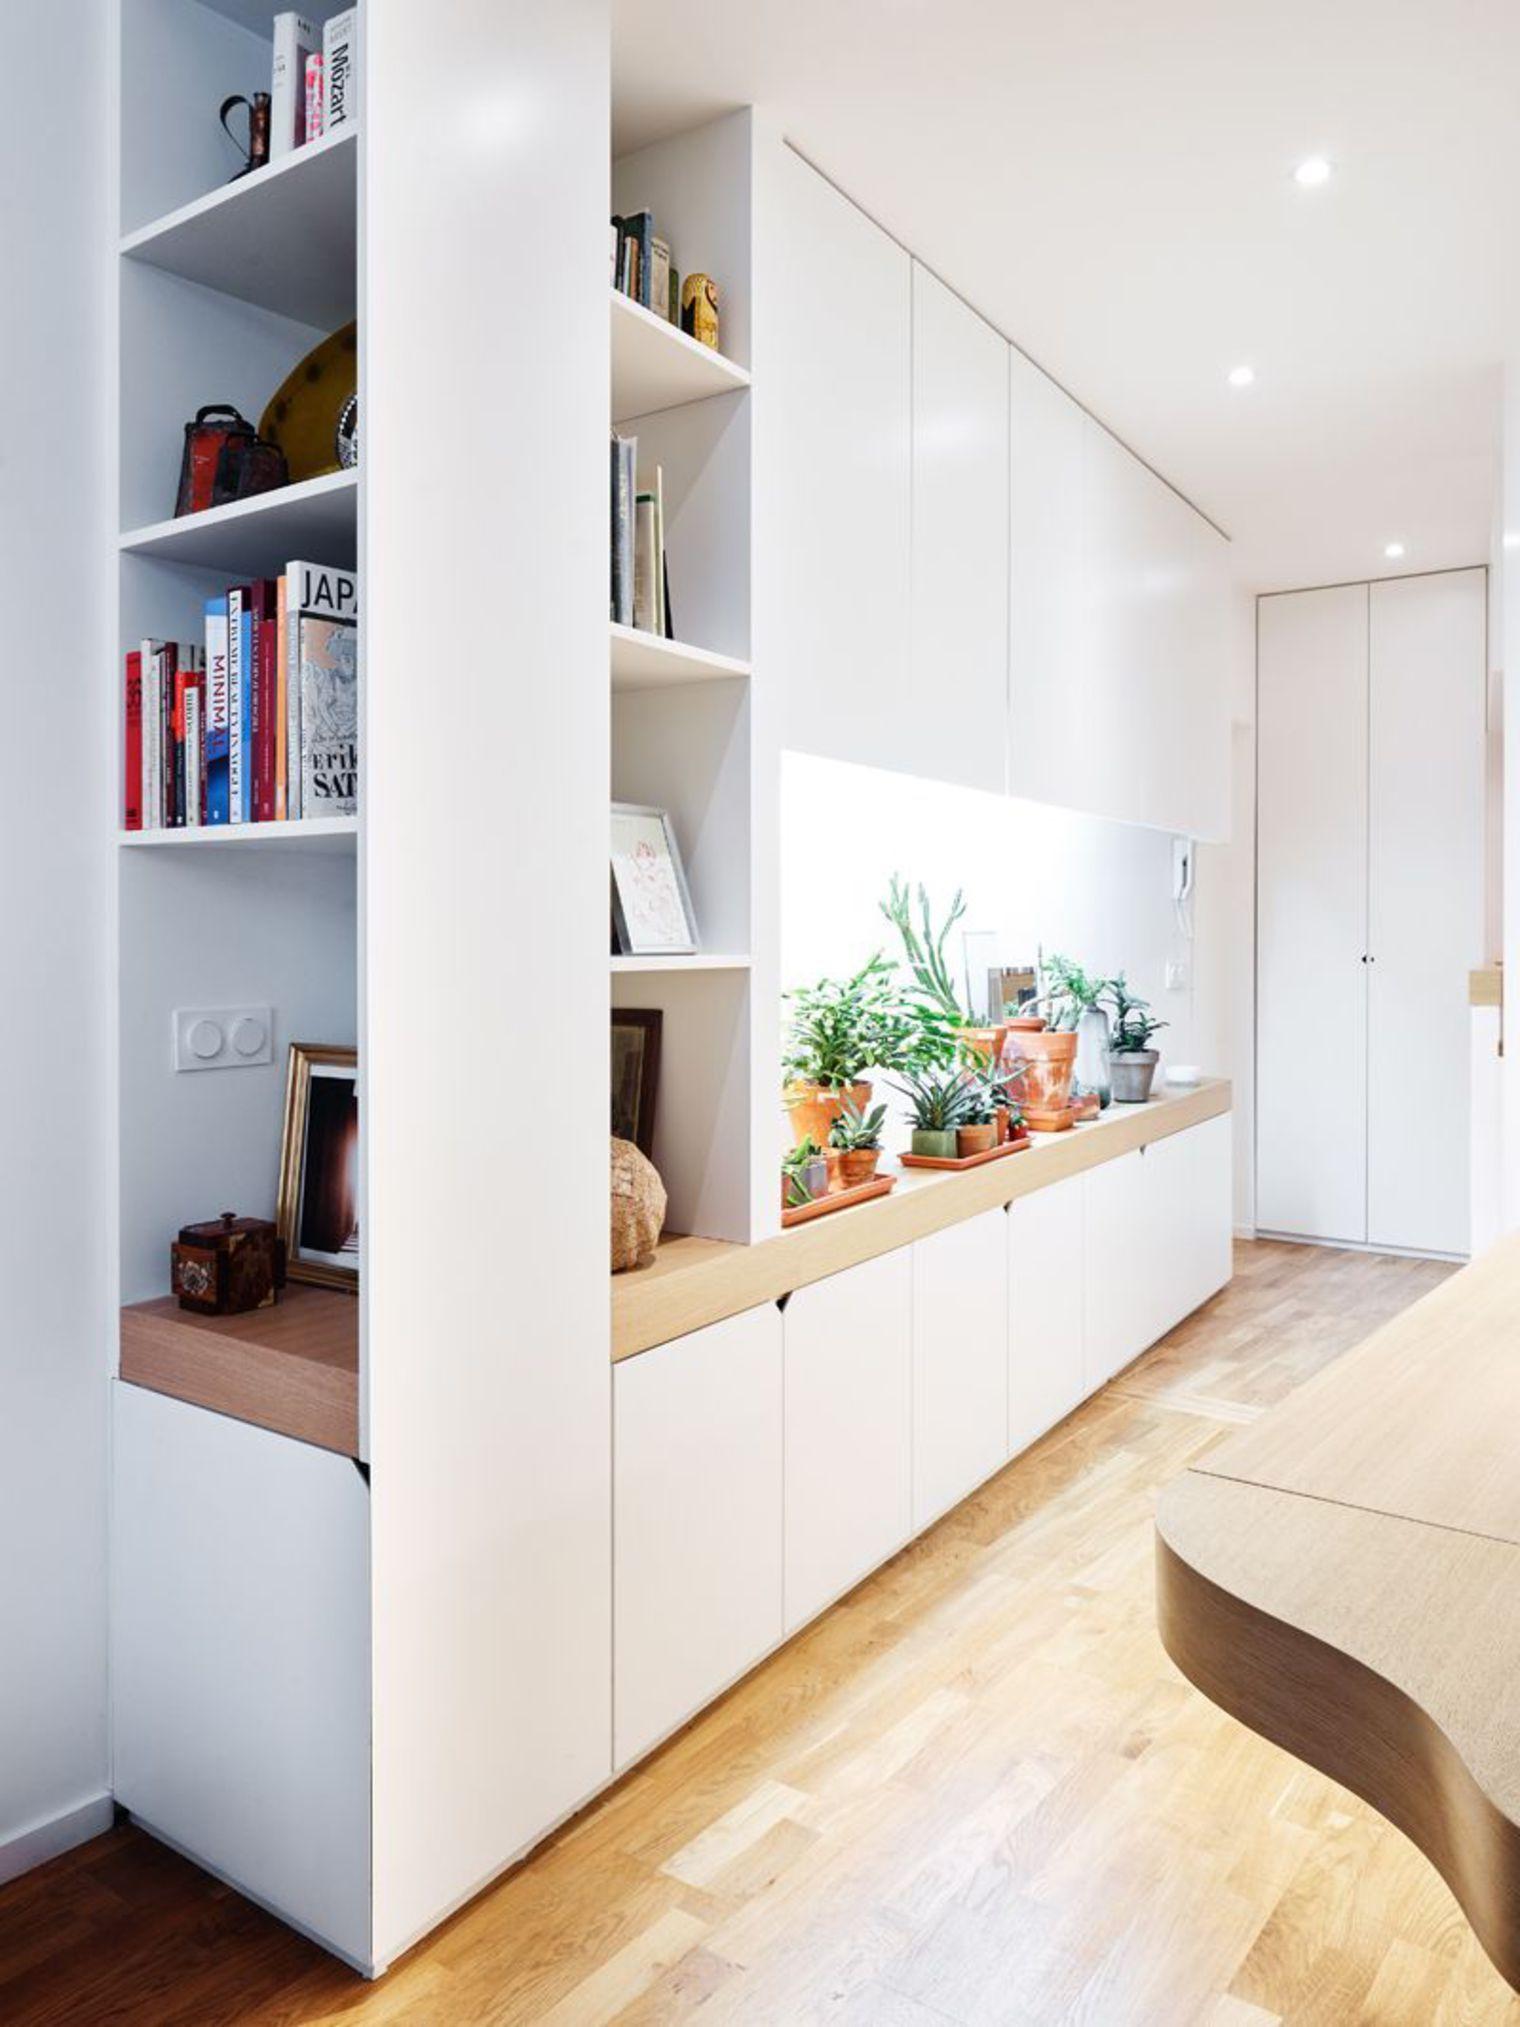 Idée Rangement Pour L'entrée : Petit Jardin Intérieur Dans ... concernant Placard De Jardin